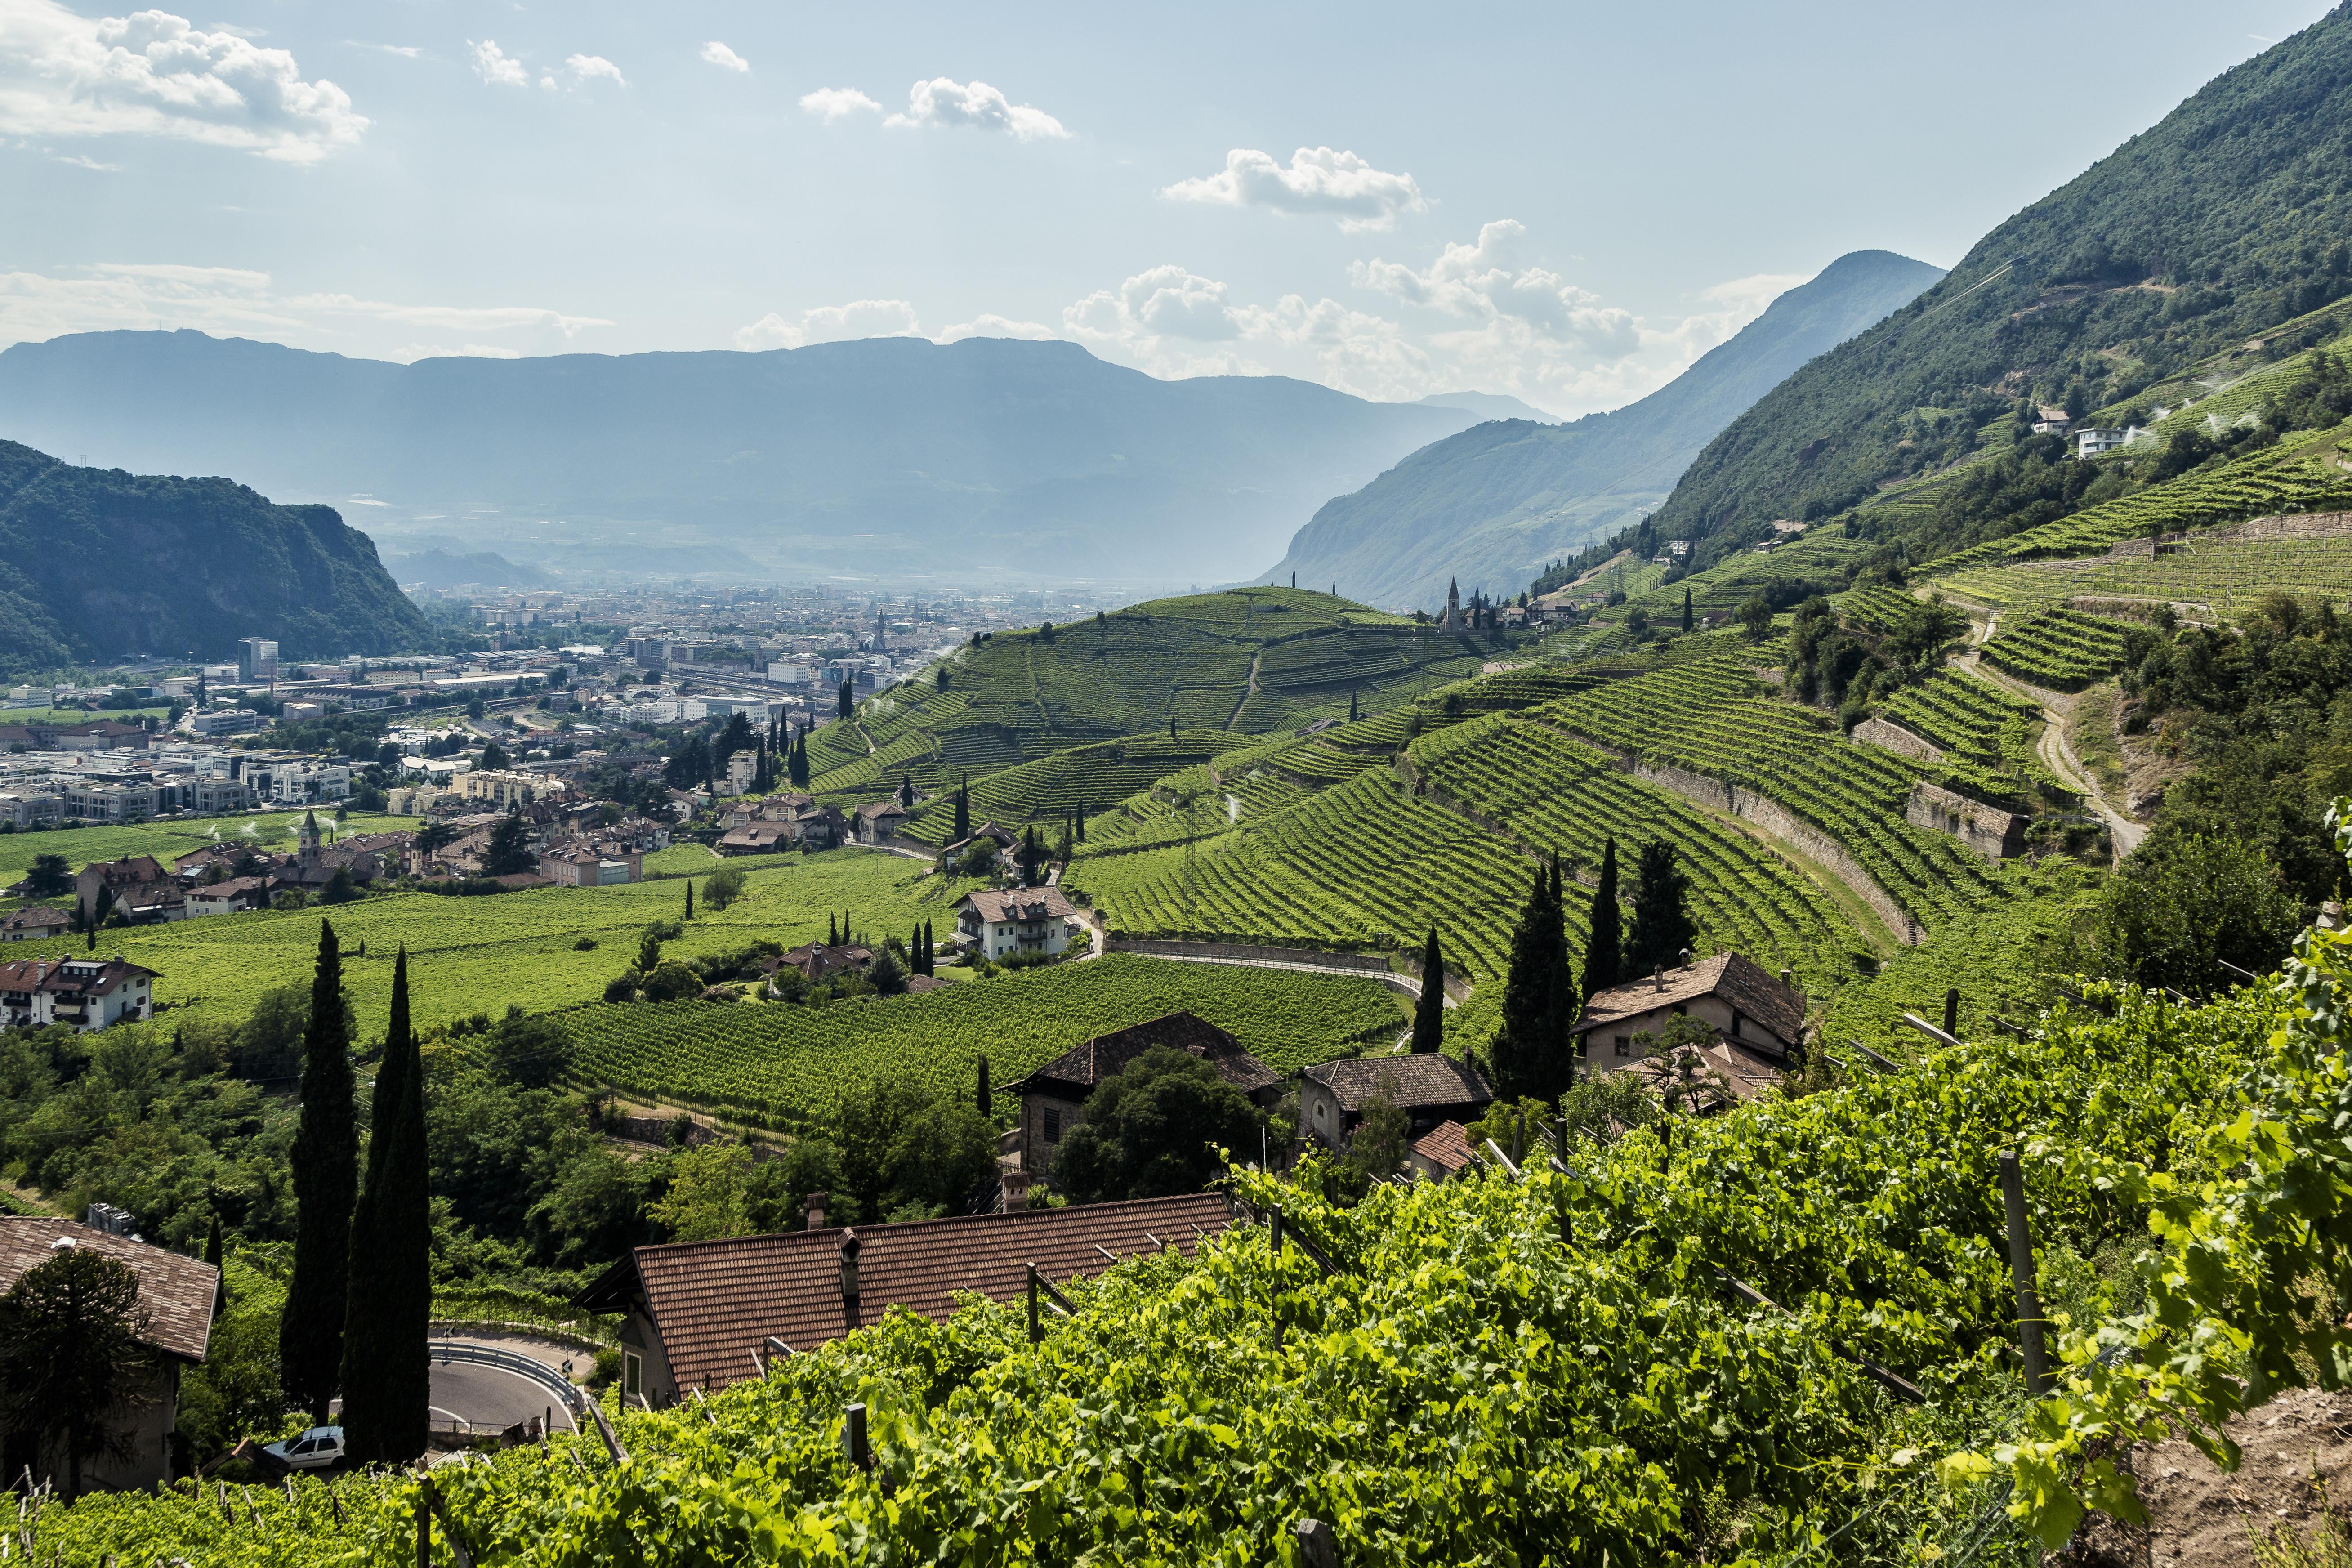 Widok na Bolzano/Bozen z otaczających miasto zielonych wzgórz i gór (fot. IDM Südtirol / Florian Andergassen)